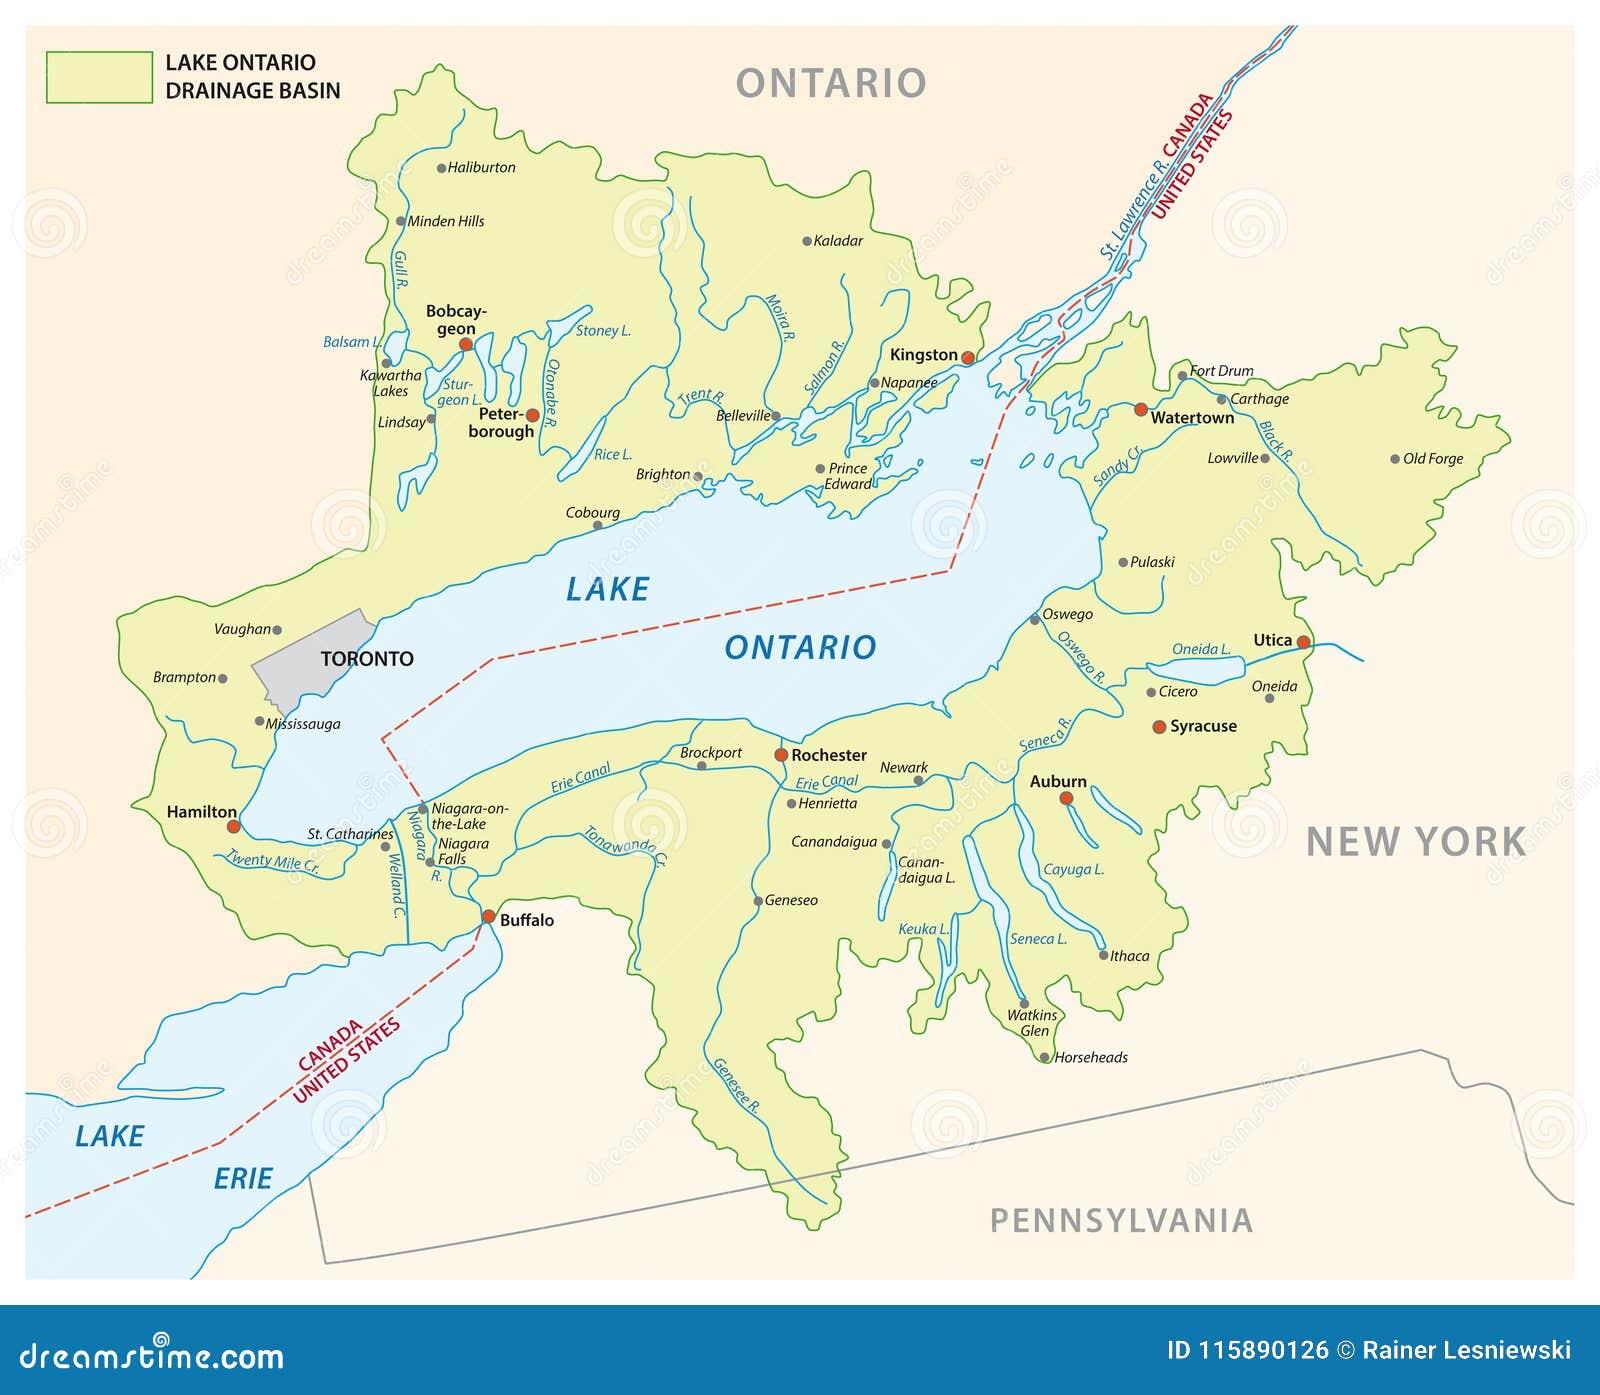 on map of lake ontario